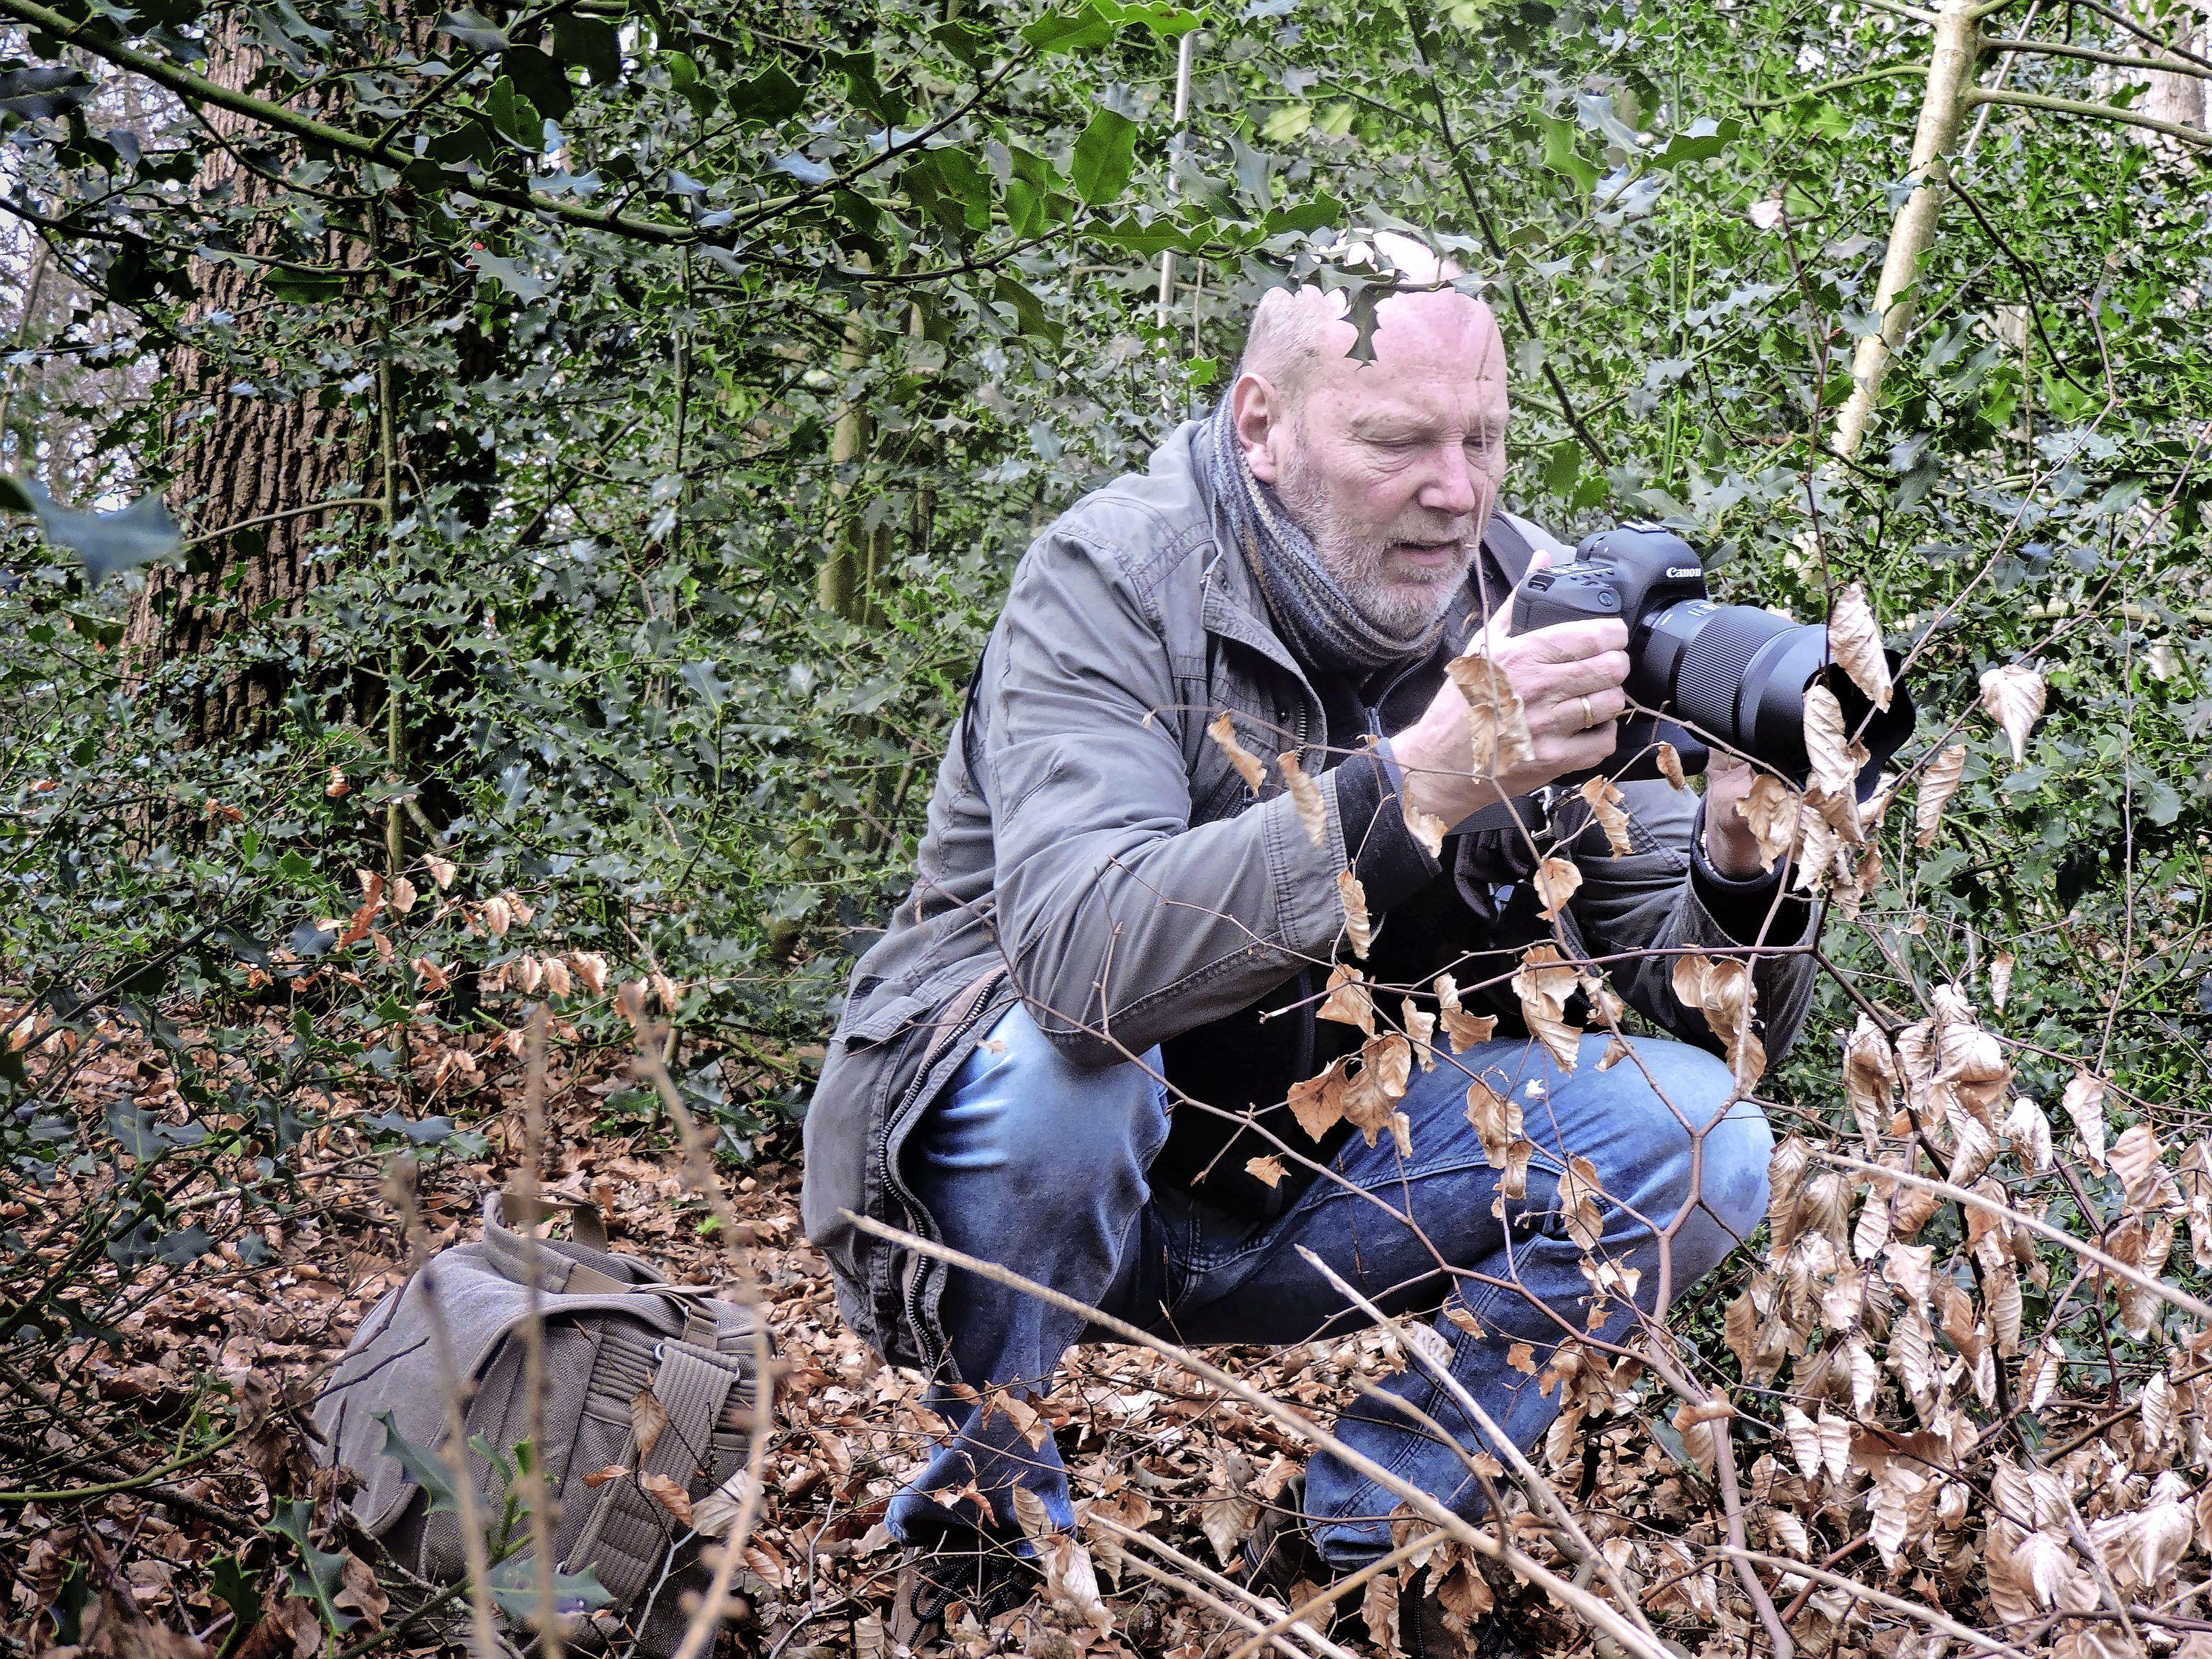 Steeds meer mensen met camera's de natuur in, zoals Gijs te Pas: 'Of het een koolmees is of een zeldzame vogel, maakt me niet zo veel uit. Als ik maar een mooi beeld kan maken'